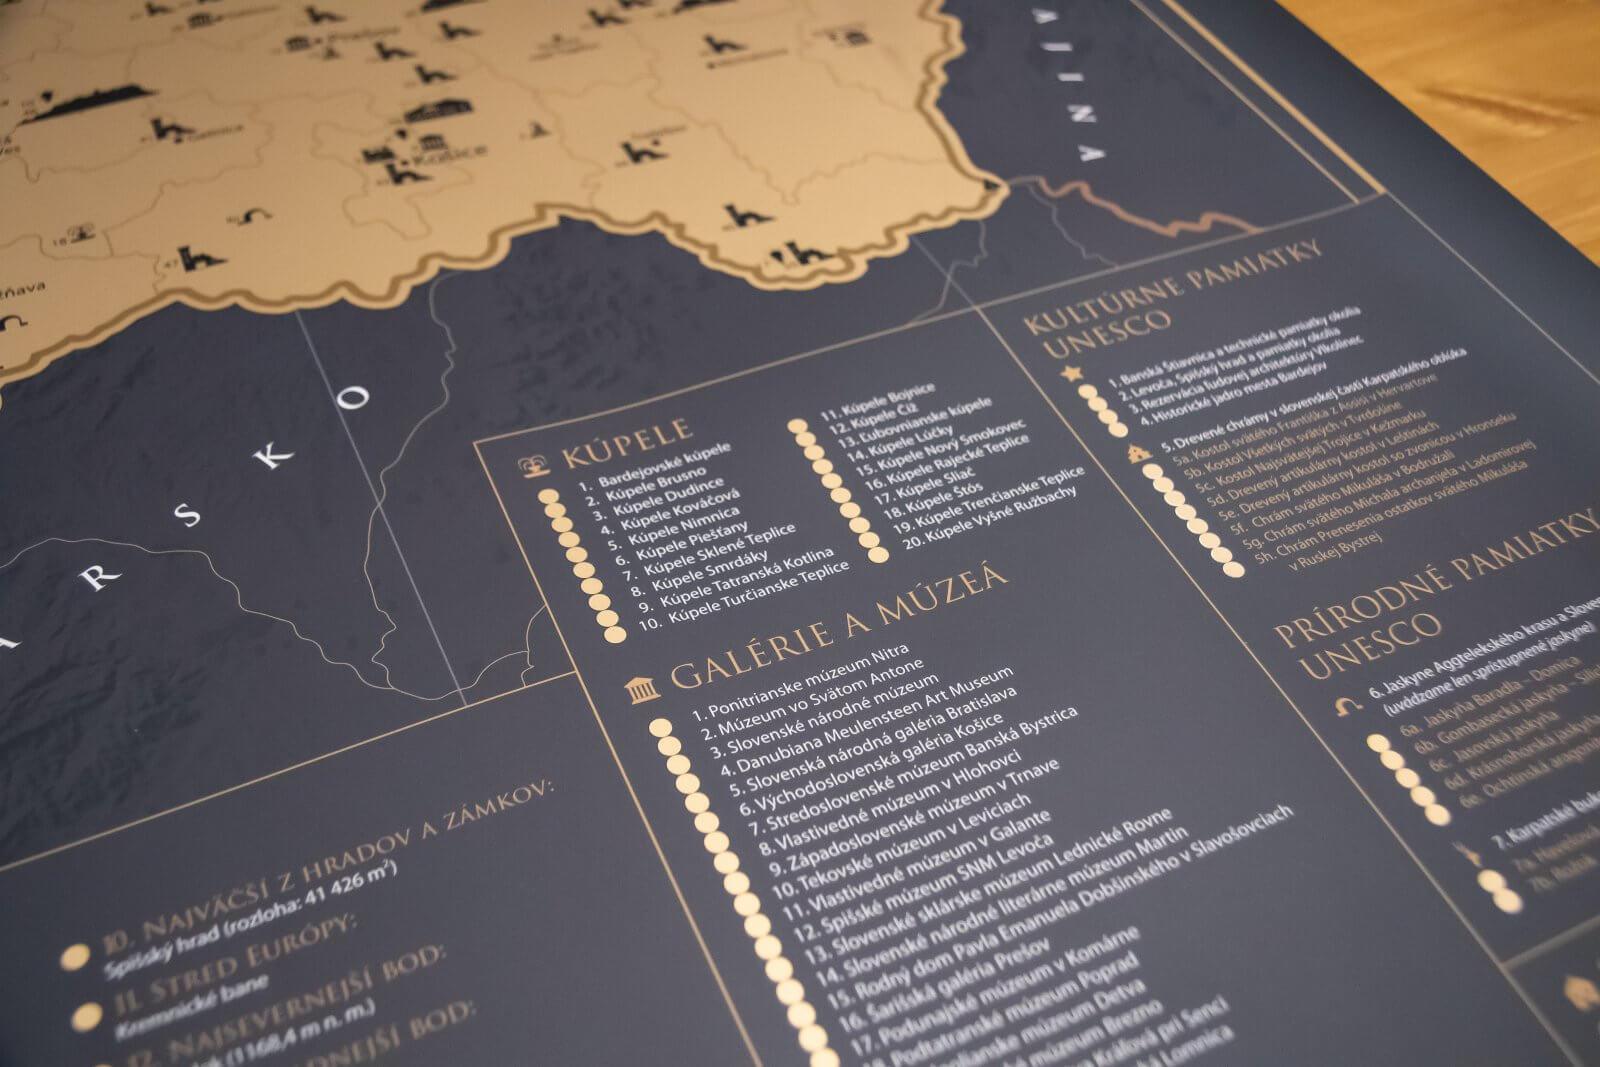 Rubbelkarte Slowakei - Detailansicht der Bereiche